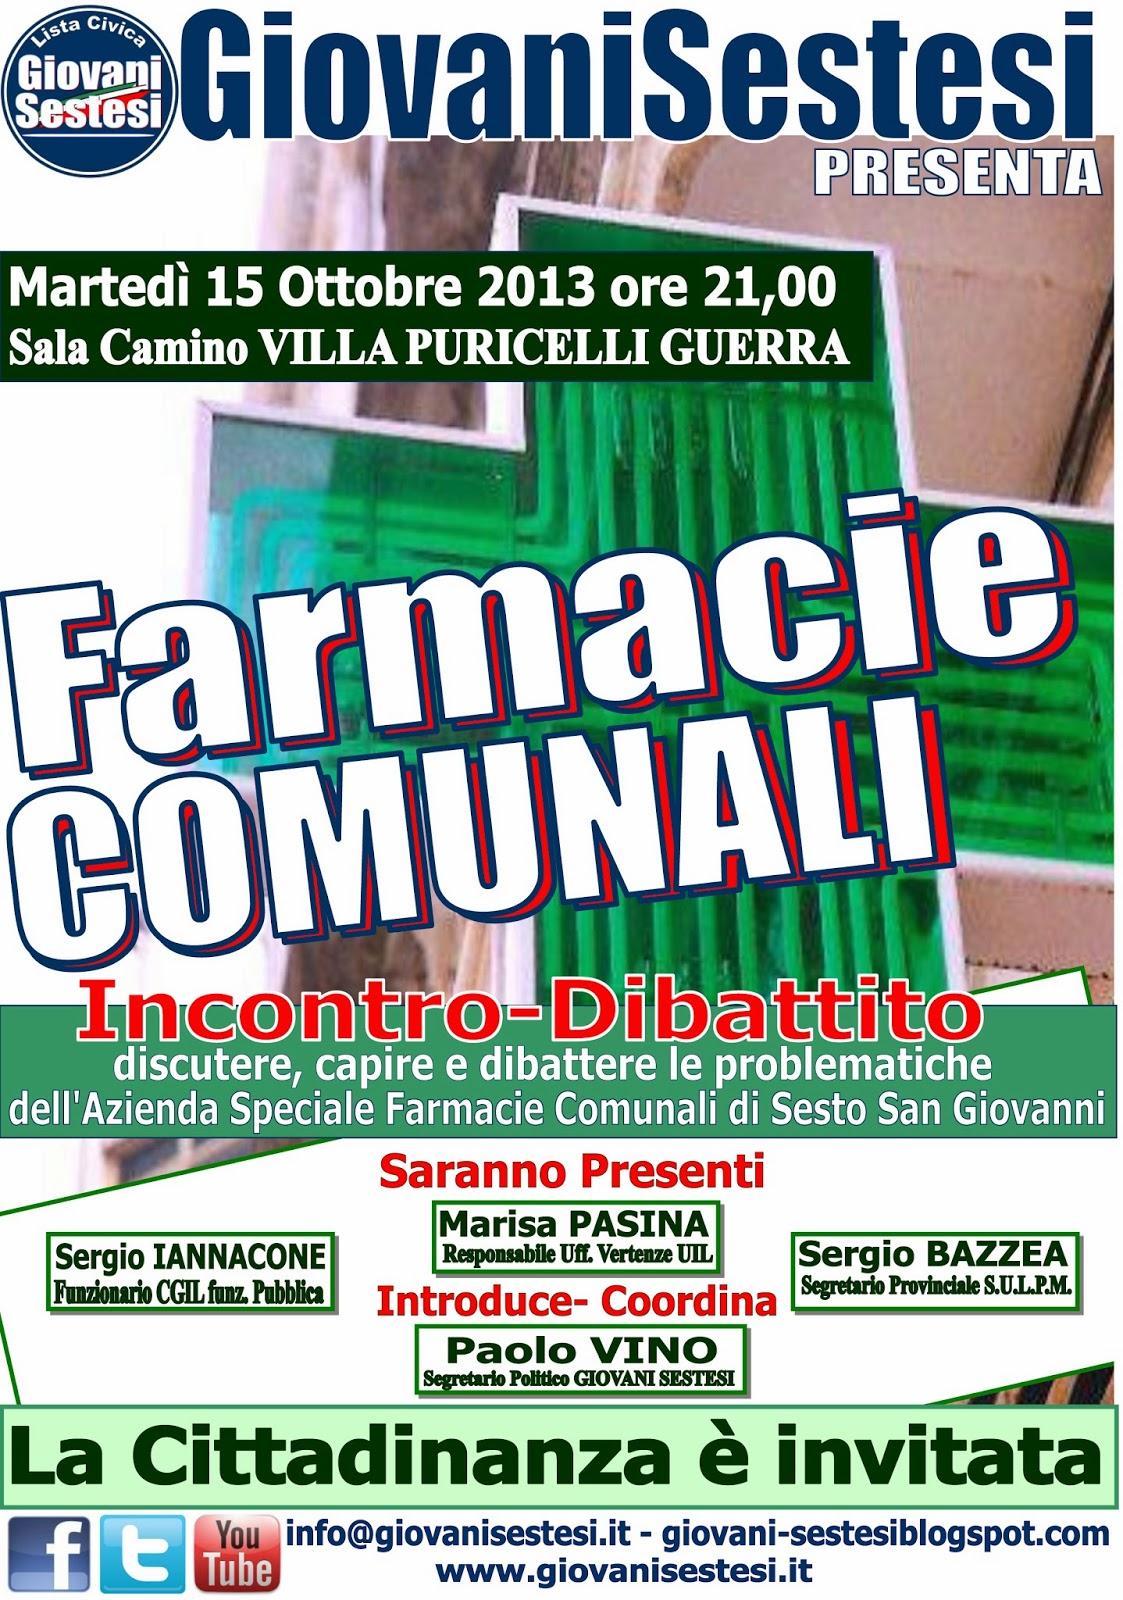 Giovani sestesi comunicato stampa 13 ottobre 2013 for Villa puricelli